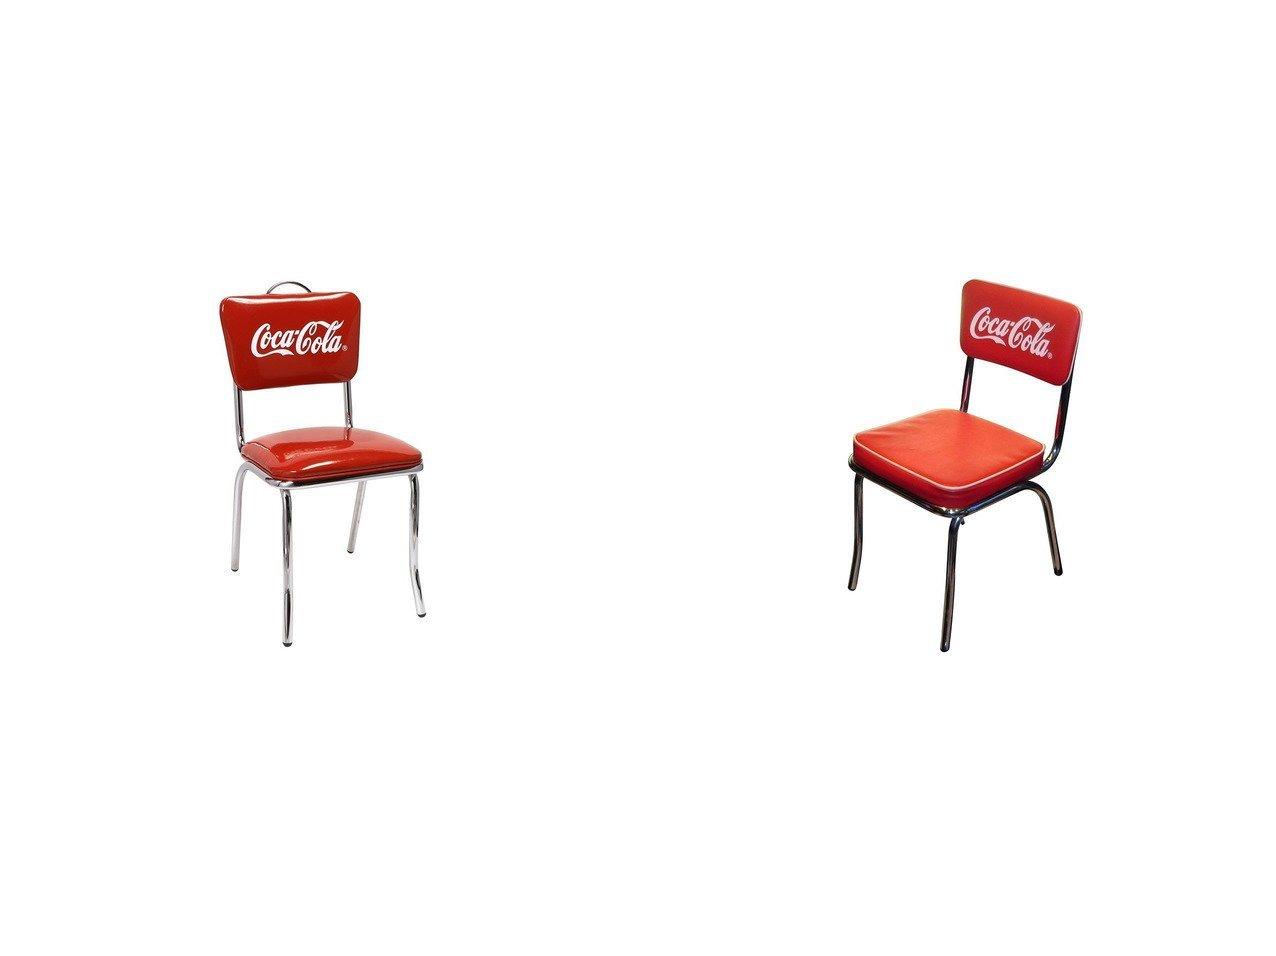 【Coca Cola BRAND/コカ コーラ ブランド】のコーク チェア PJ-105C&Coke V- コーク V-チェア PJ-50HC 【FURNITURE】おすすめ!人気、インテリア雑貨・家具の通販 おすすめで人気の流行・トレンド、ファッションの通販商品 インテリア・家具・メンズファッション・キッズファッション・レディースファッション・服の通販 founy(ファニー) https://founy.com/ 送料無料 Free Shipping おすすめ Recommend アメリカン シェイプ パイピング ラウンド クッション シンプル ホーム・キャンプ・アウトドア Home,Garden,Outdoor,Camping Gear 家具・インテリア Furniture チェア・椅子 Chair ダイニングチェア |ID:crp329100000047811